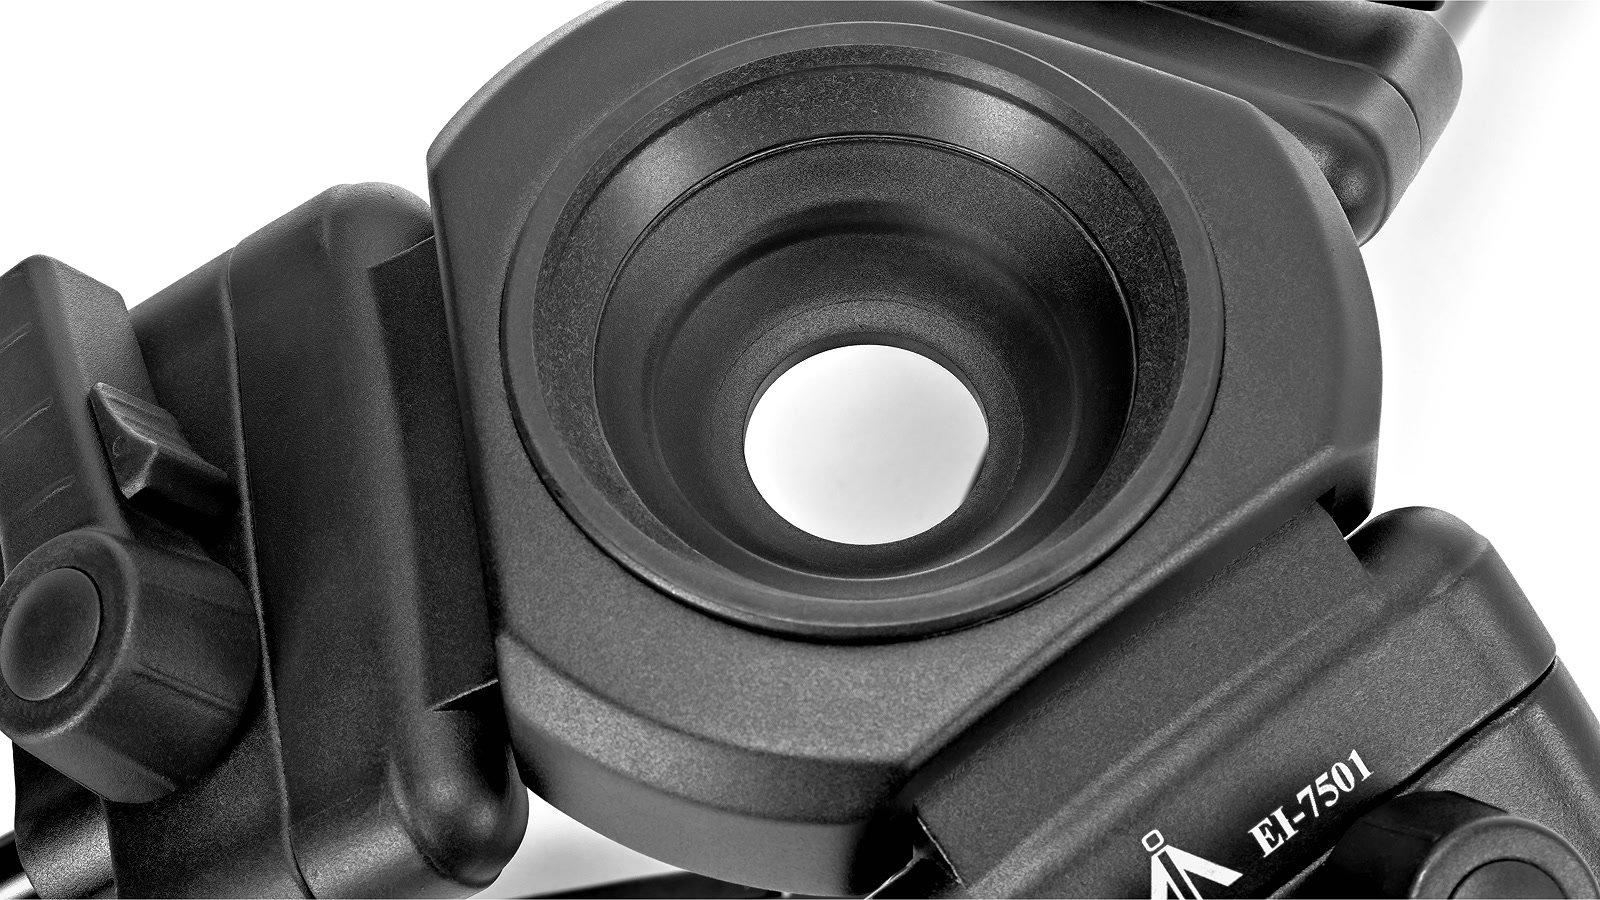 Stativköpfe mit 75mm und 100 Durchmesser können verwendet werden.